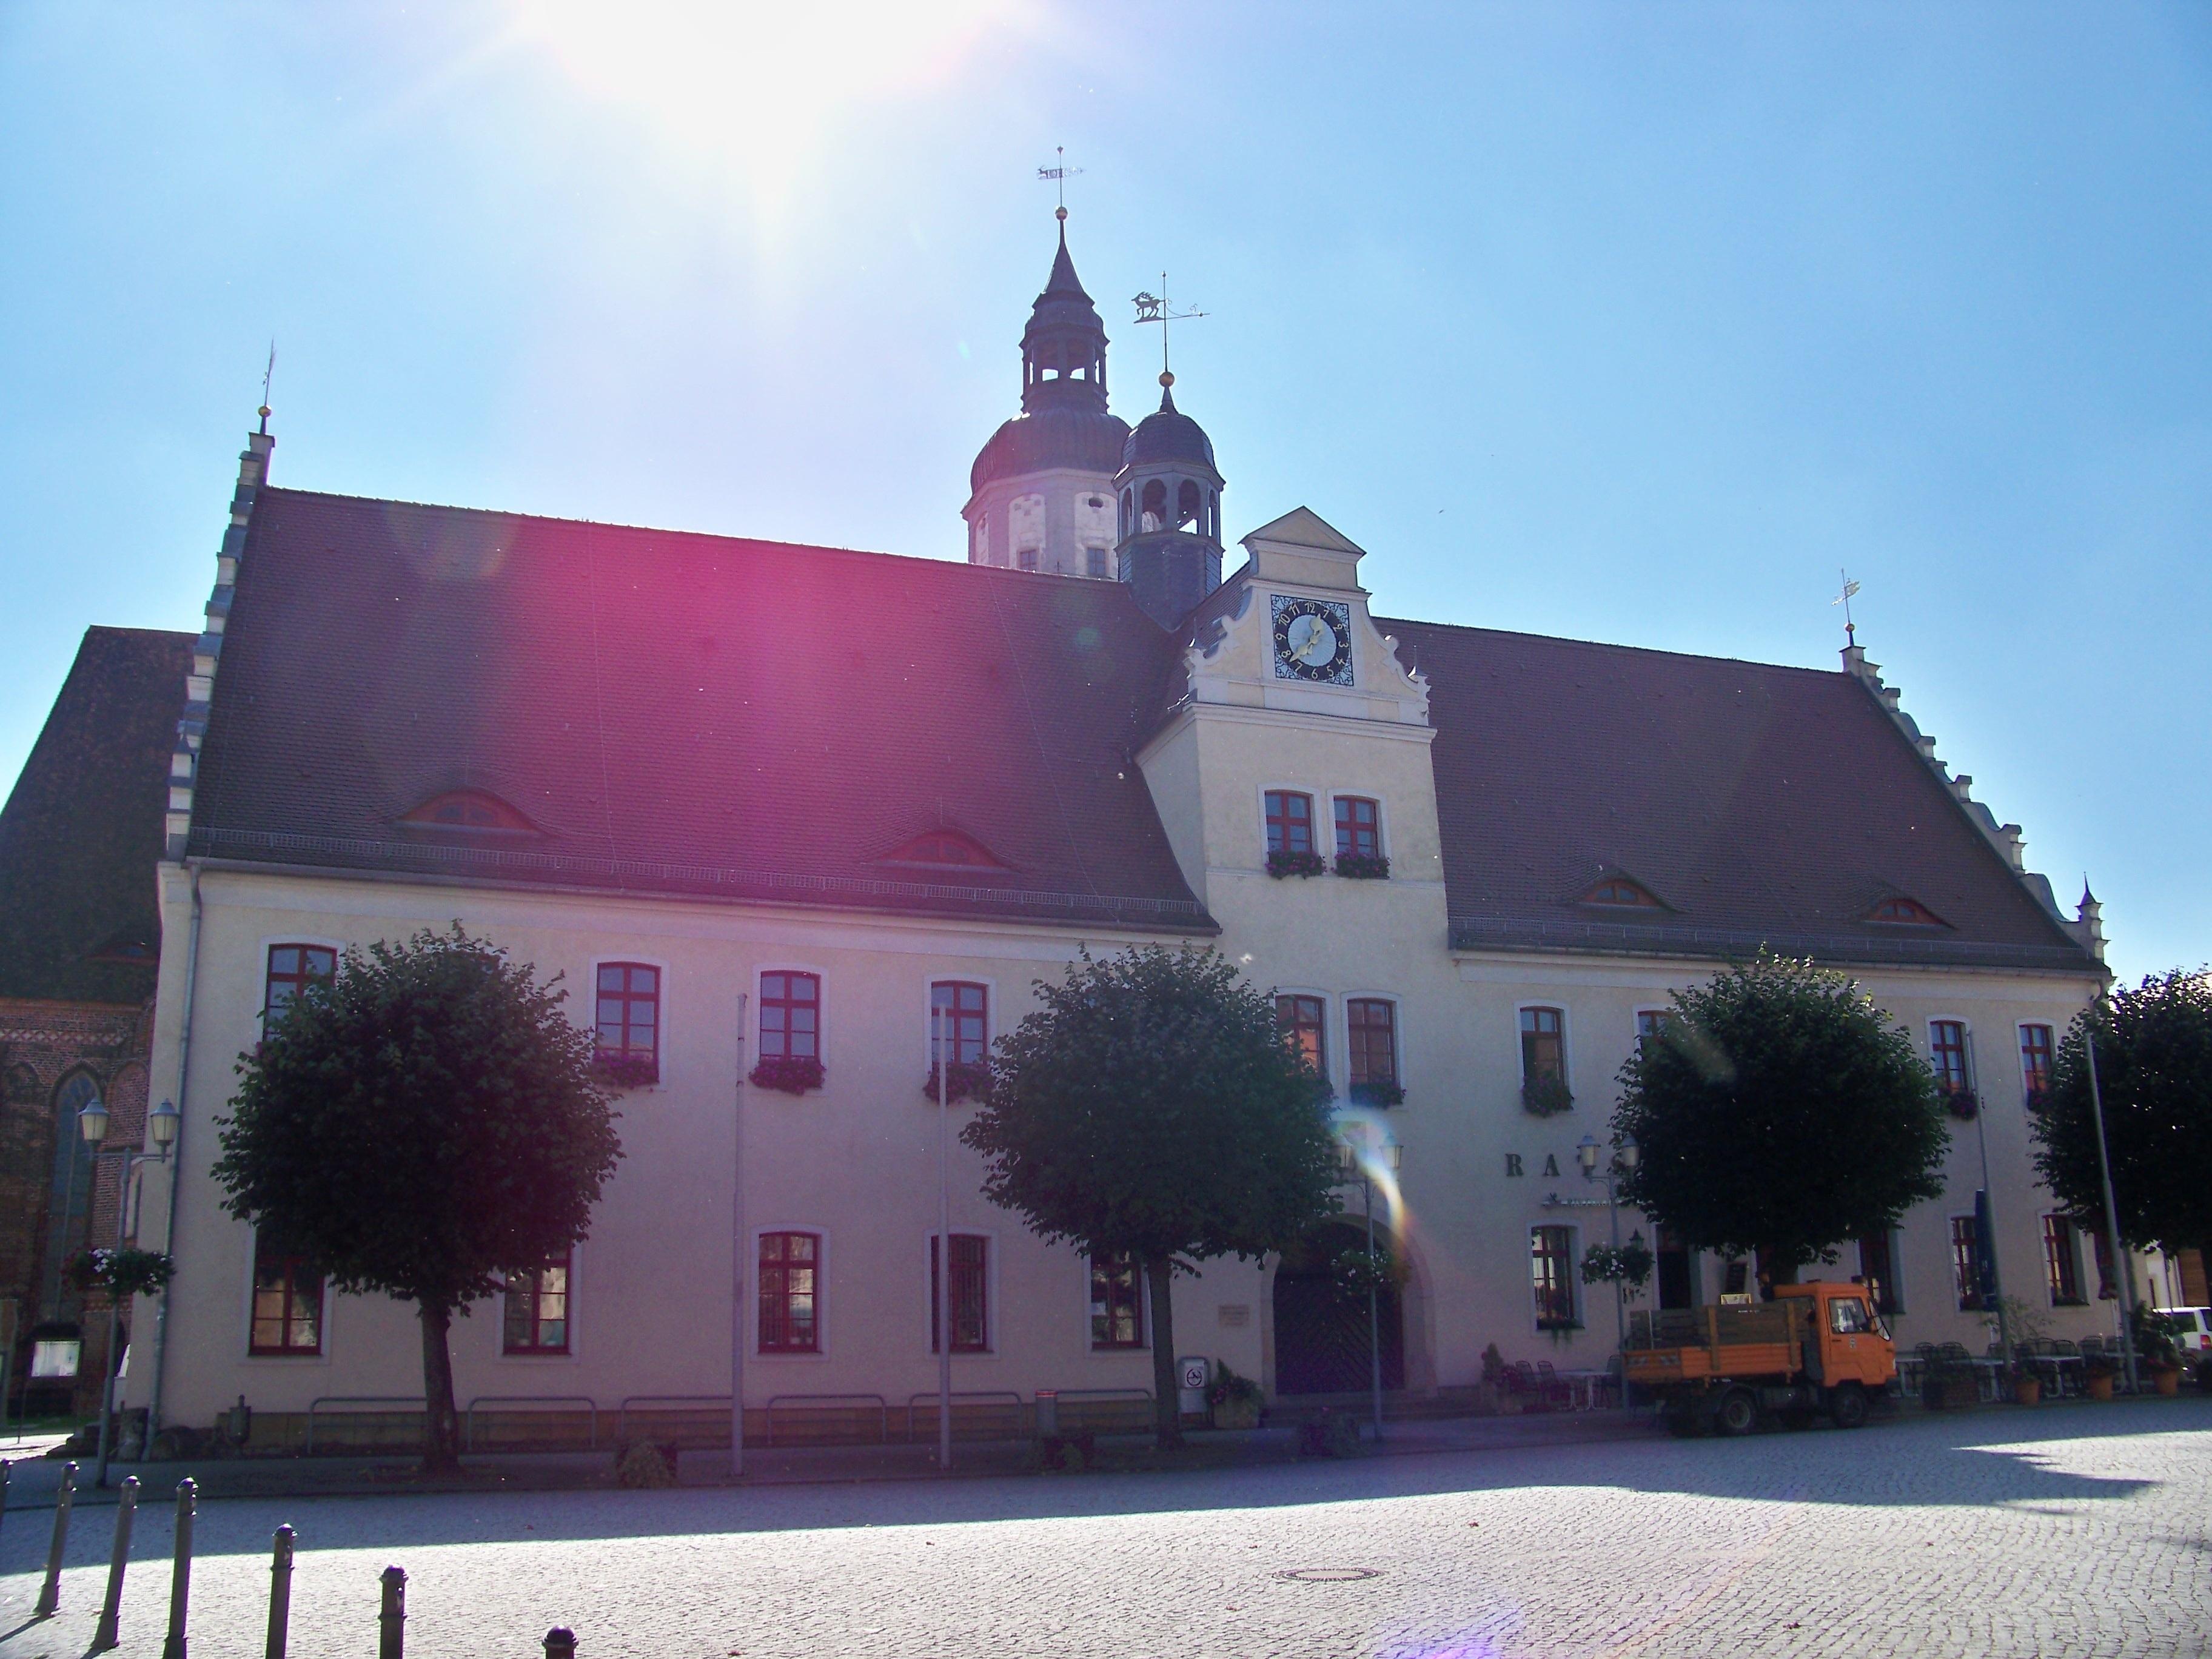 Herzberg, Brandenburg Region, Germany